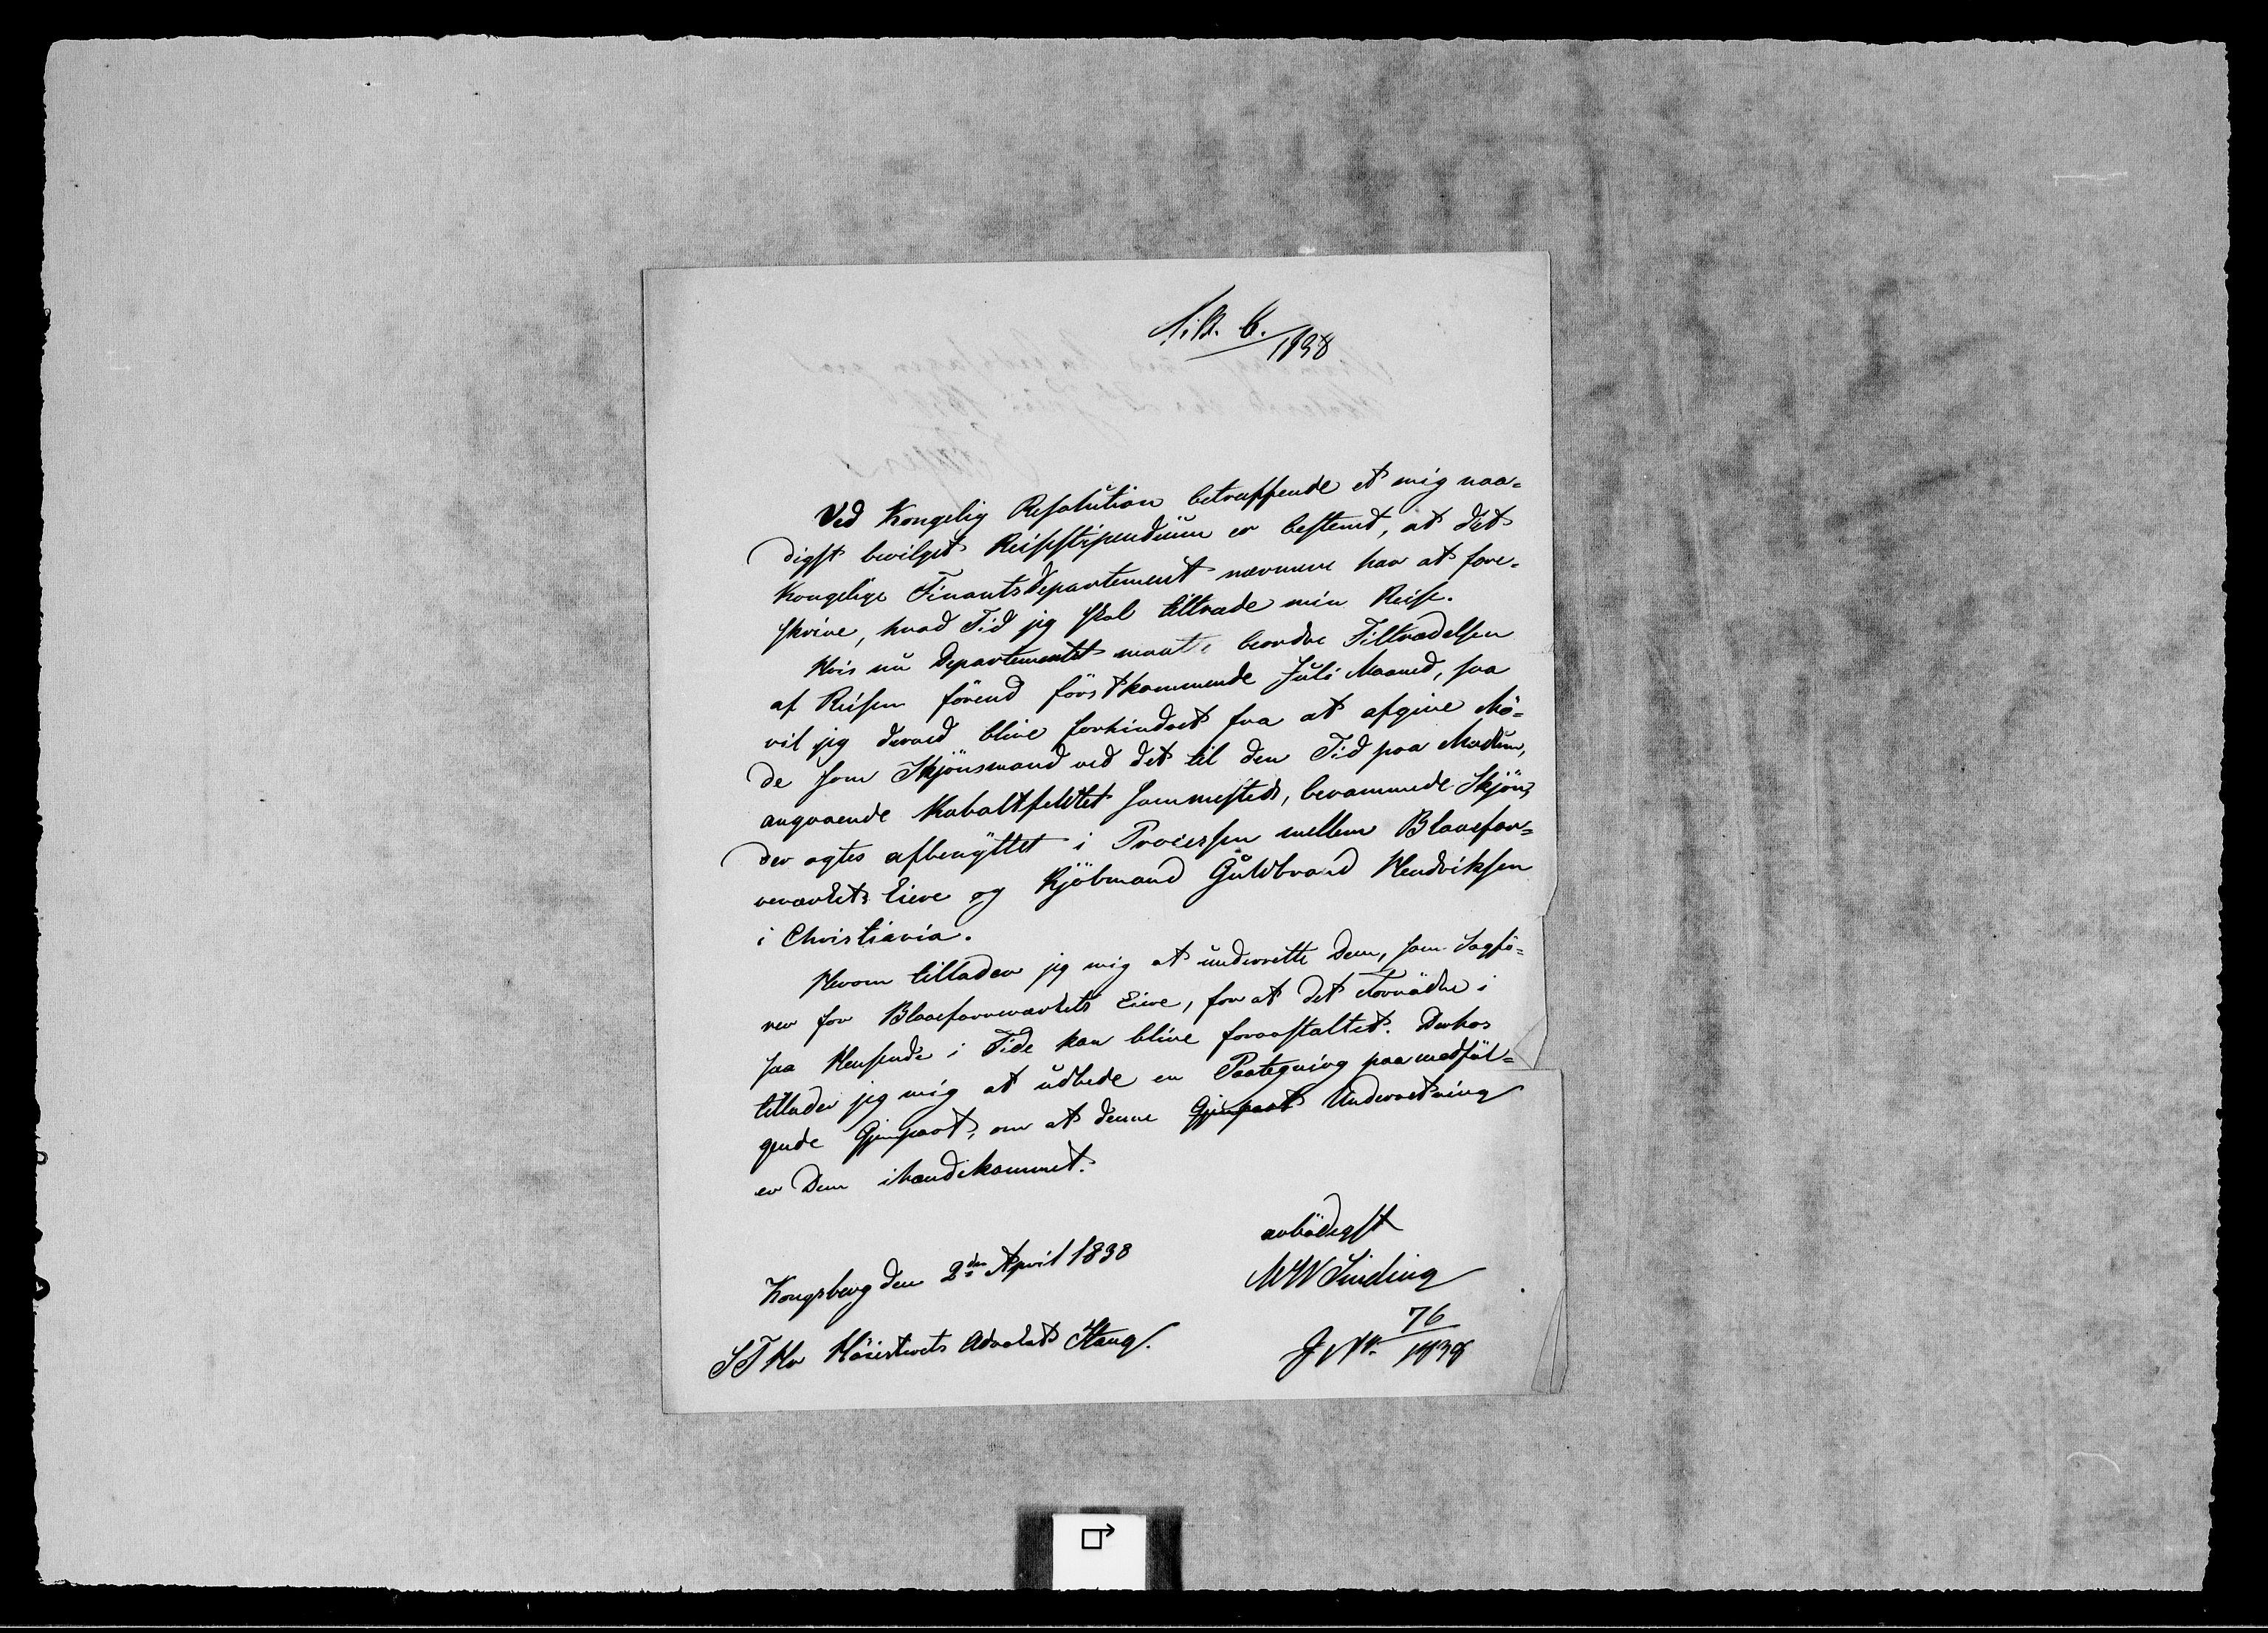 RA, Modums Blaafarveværk, G/Gb/L0120, 1837-1838, s. 2